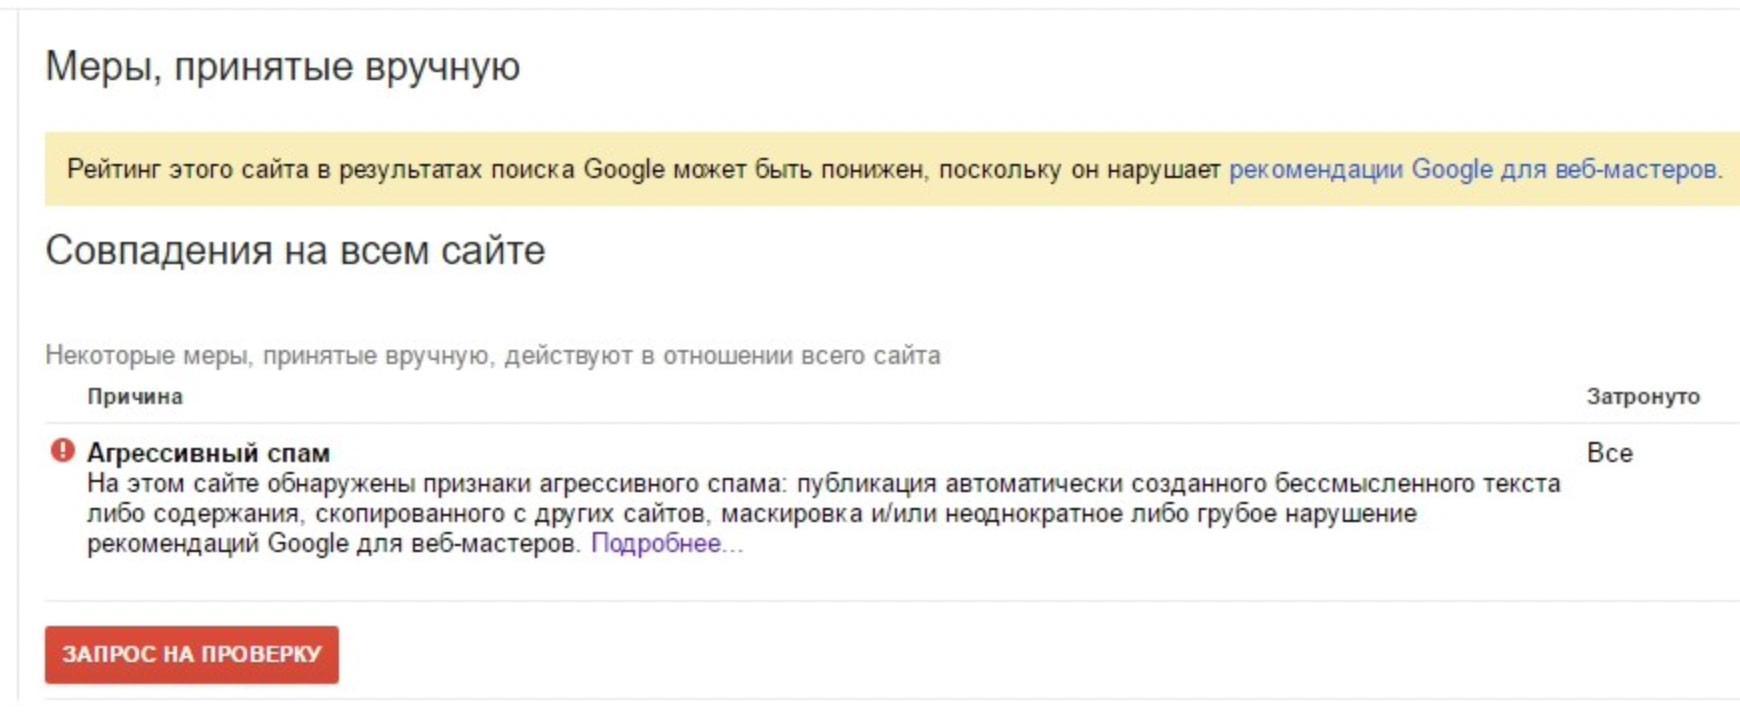 Фильтр за переоптимизацию в Google